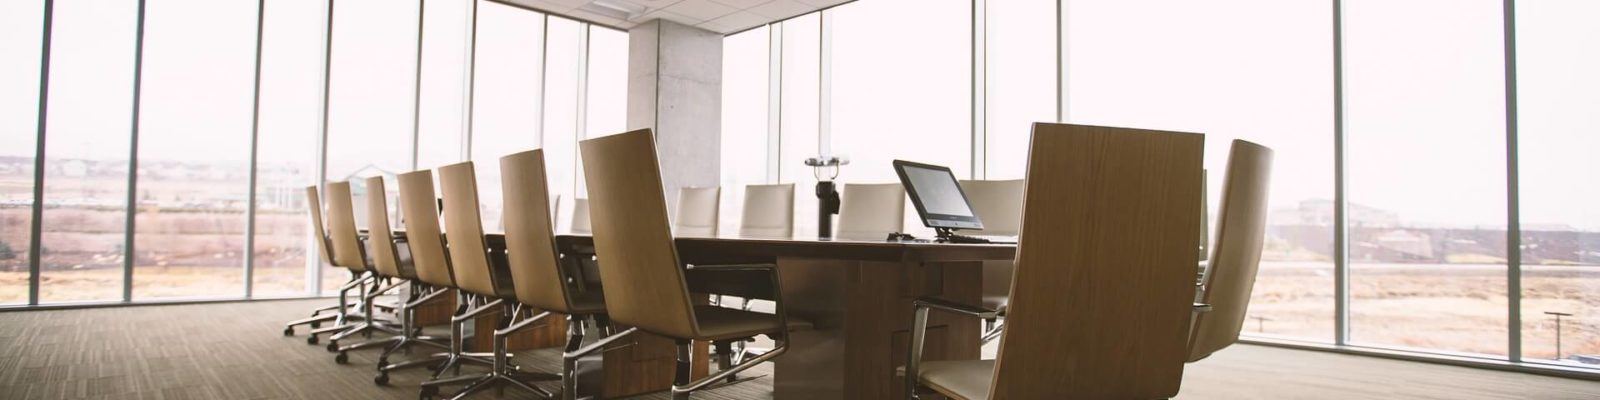 mesa-sillas-sala-de-reuniones